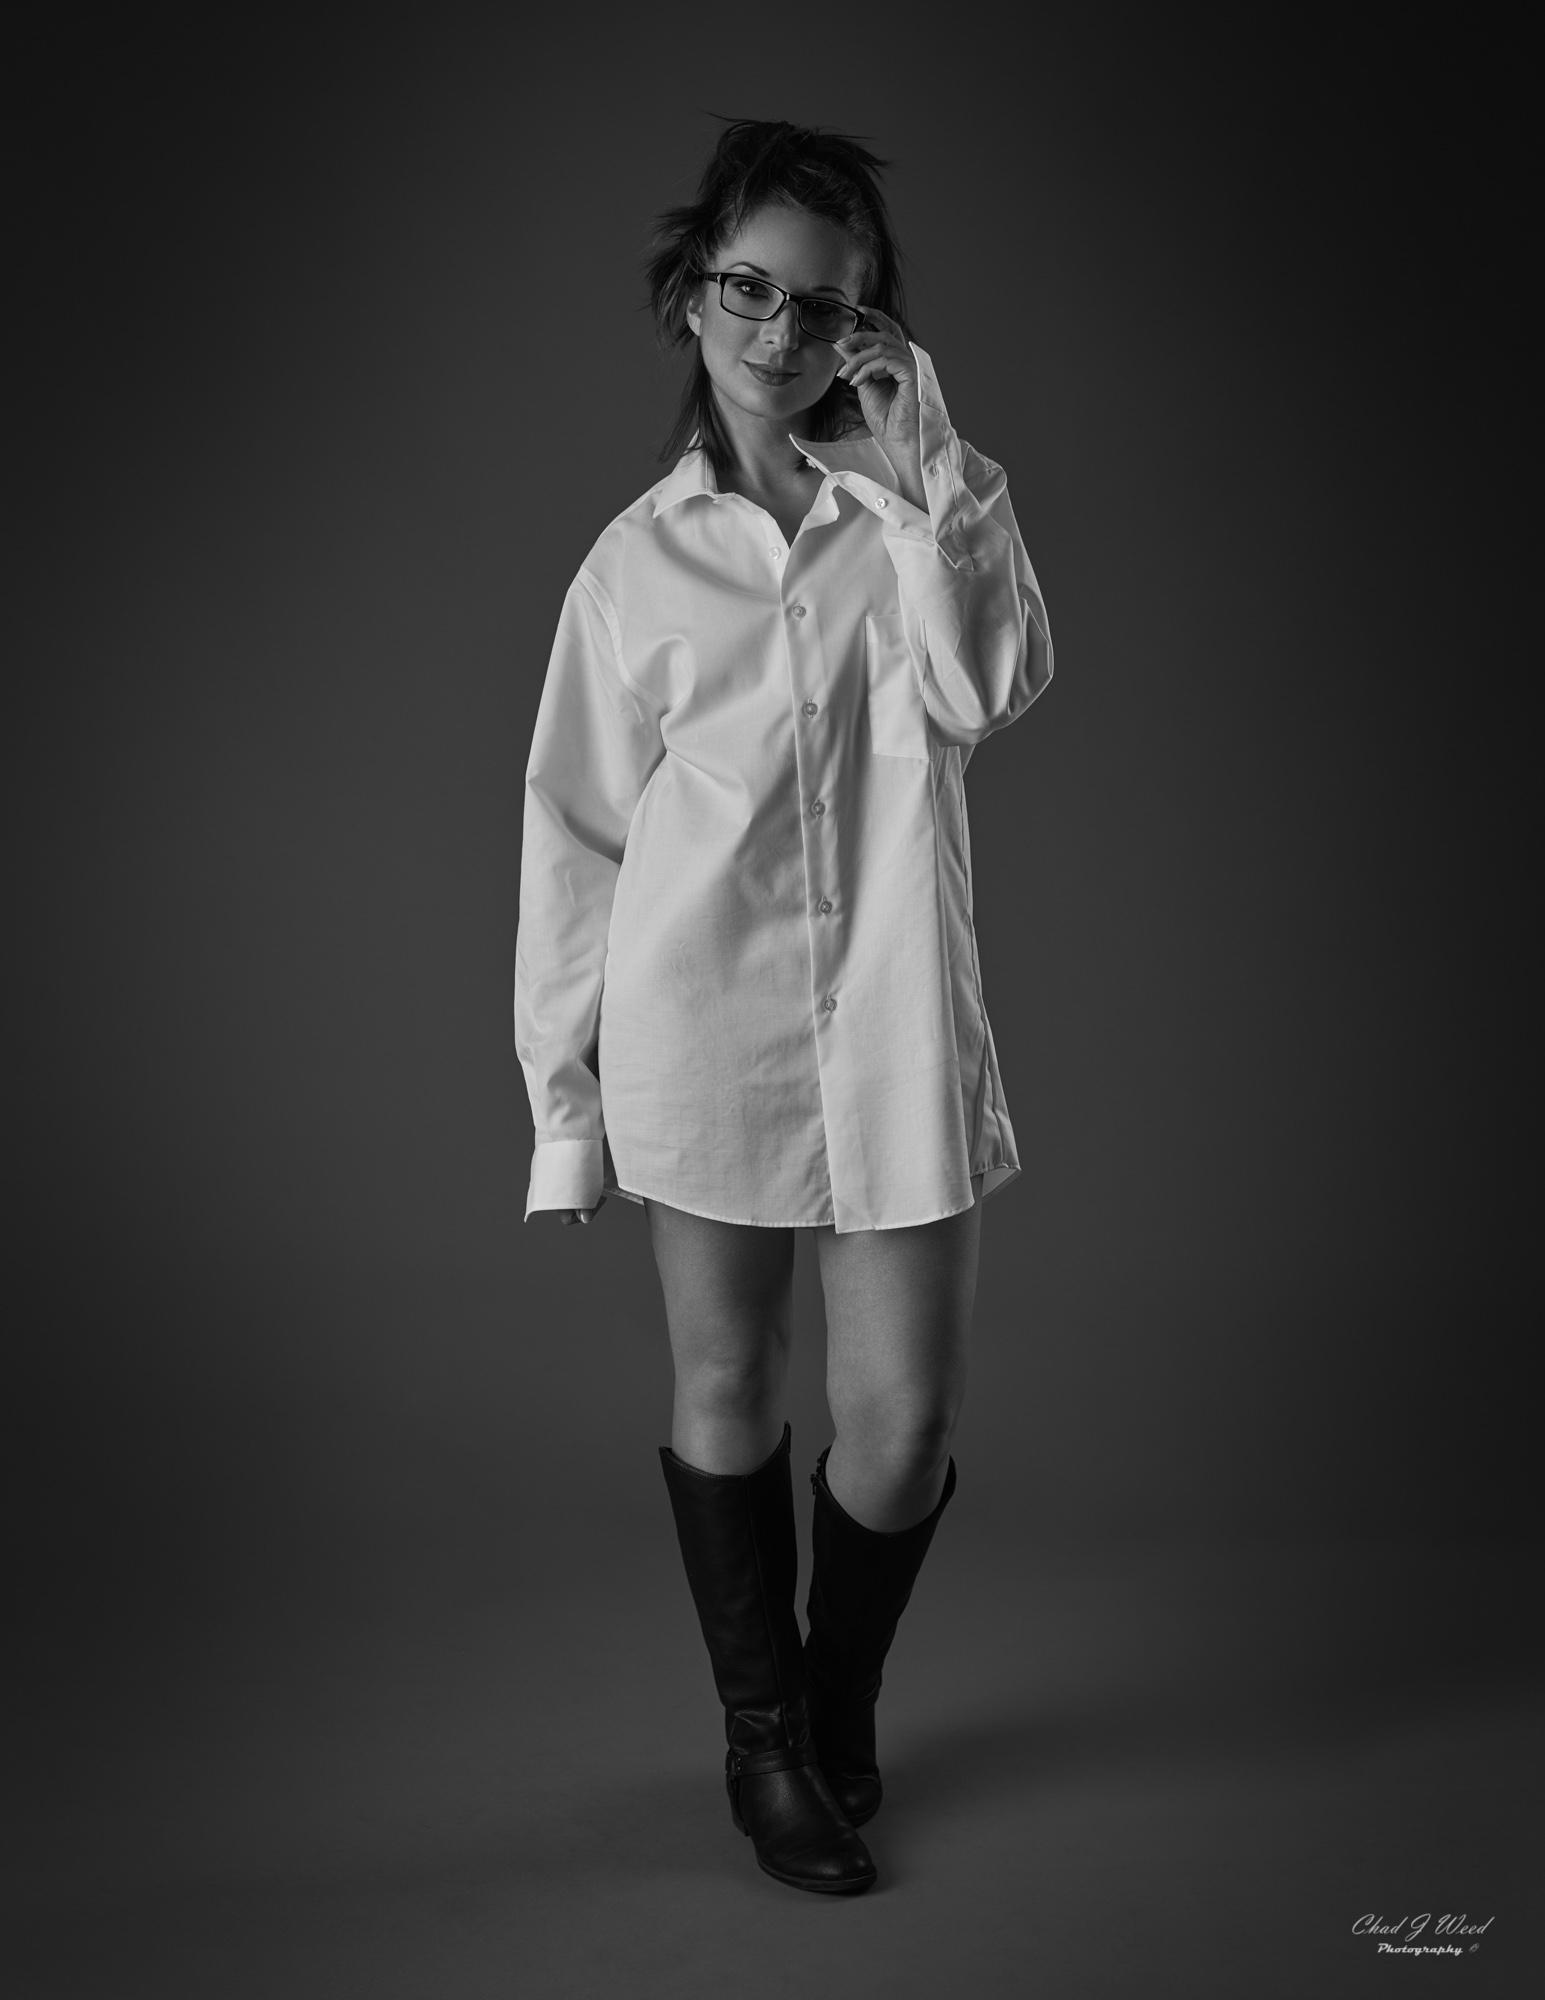 Kika Fashion Model by Mesa Arizona Fashion Portrait Photographer Chad Weed